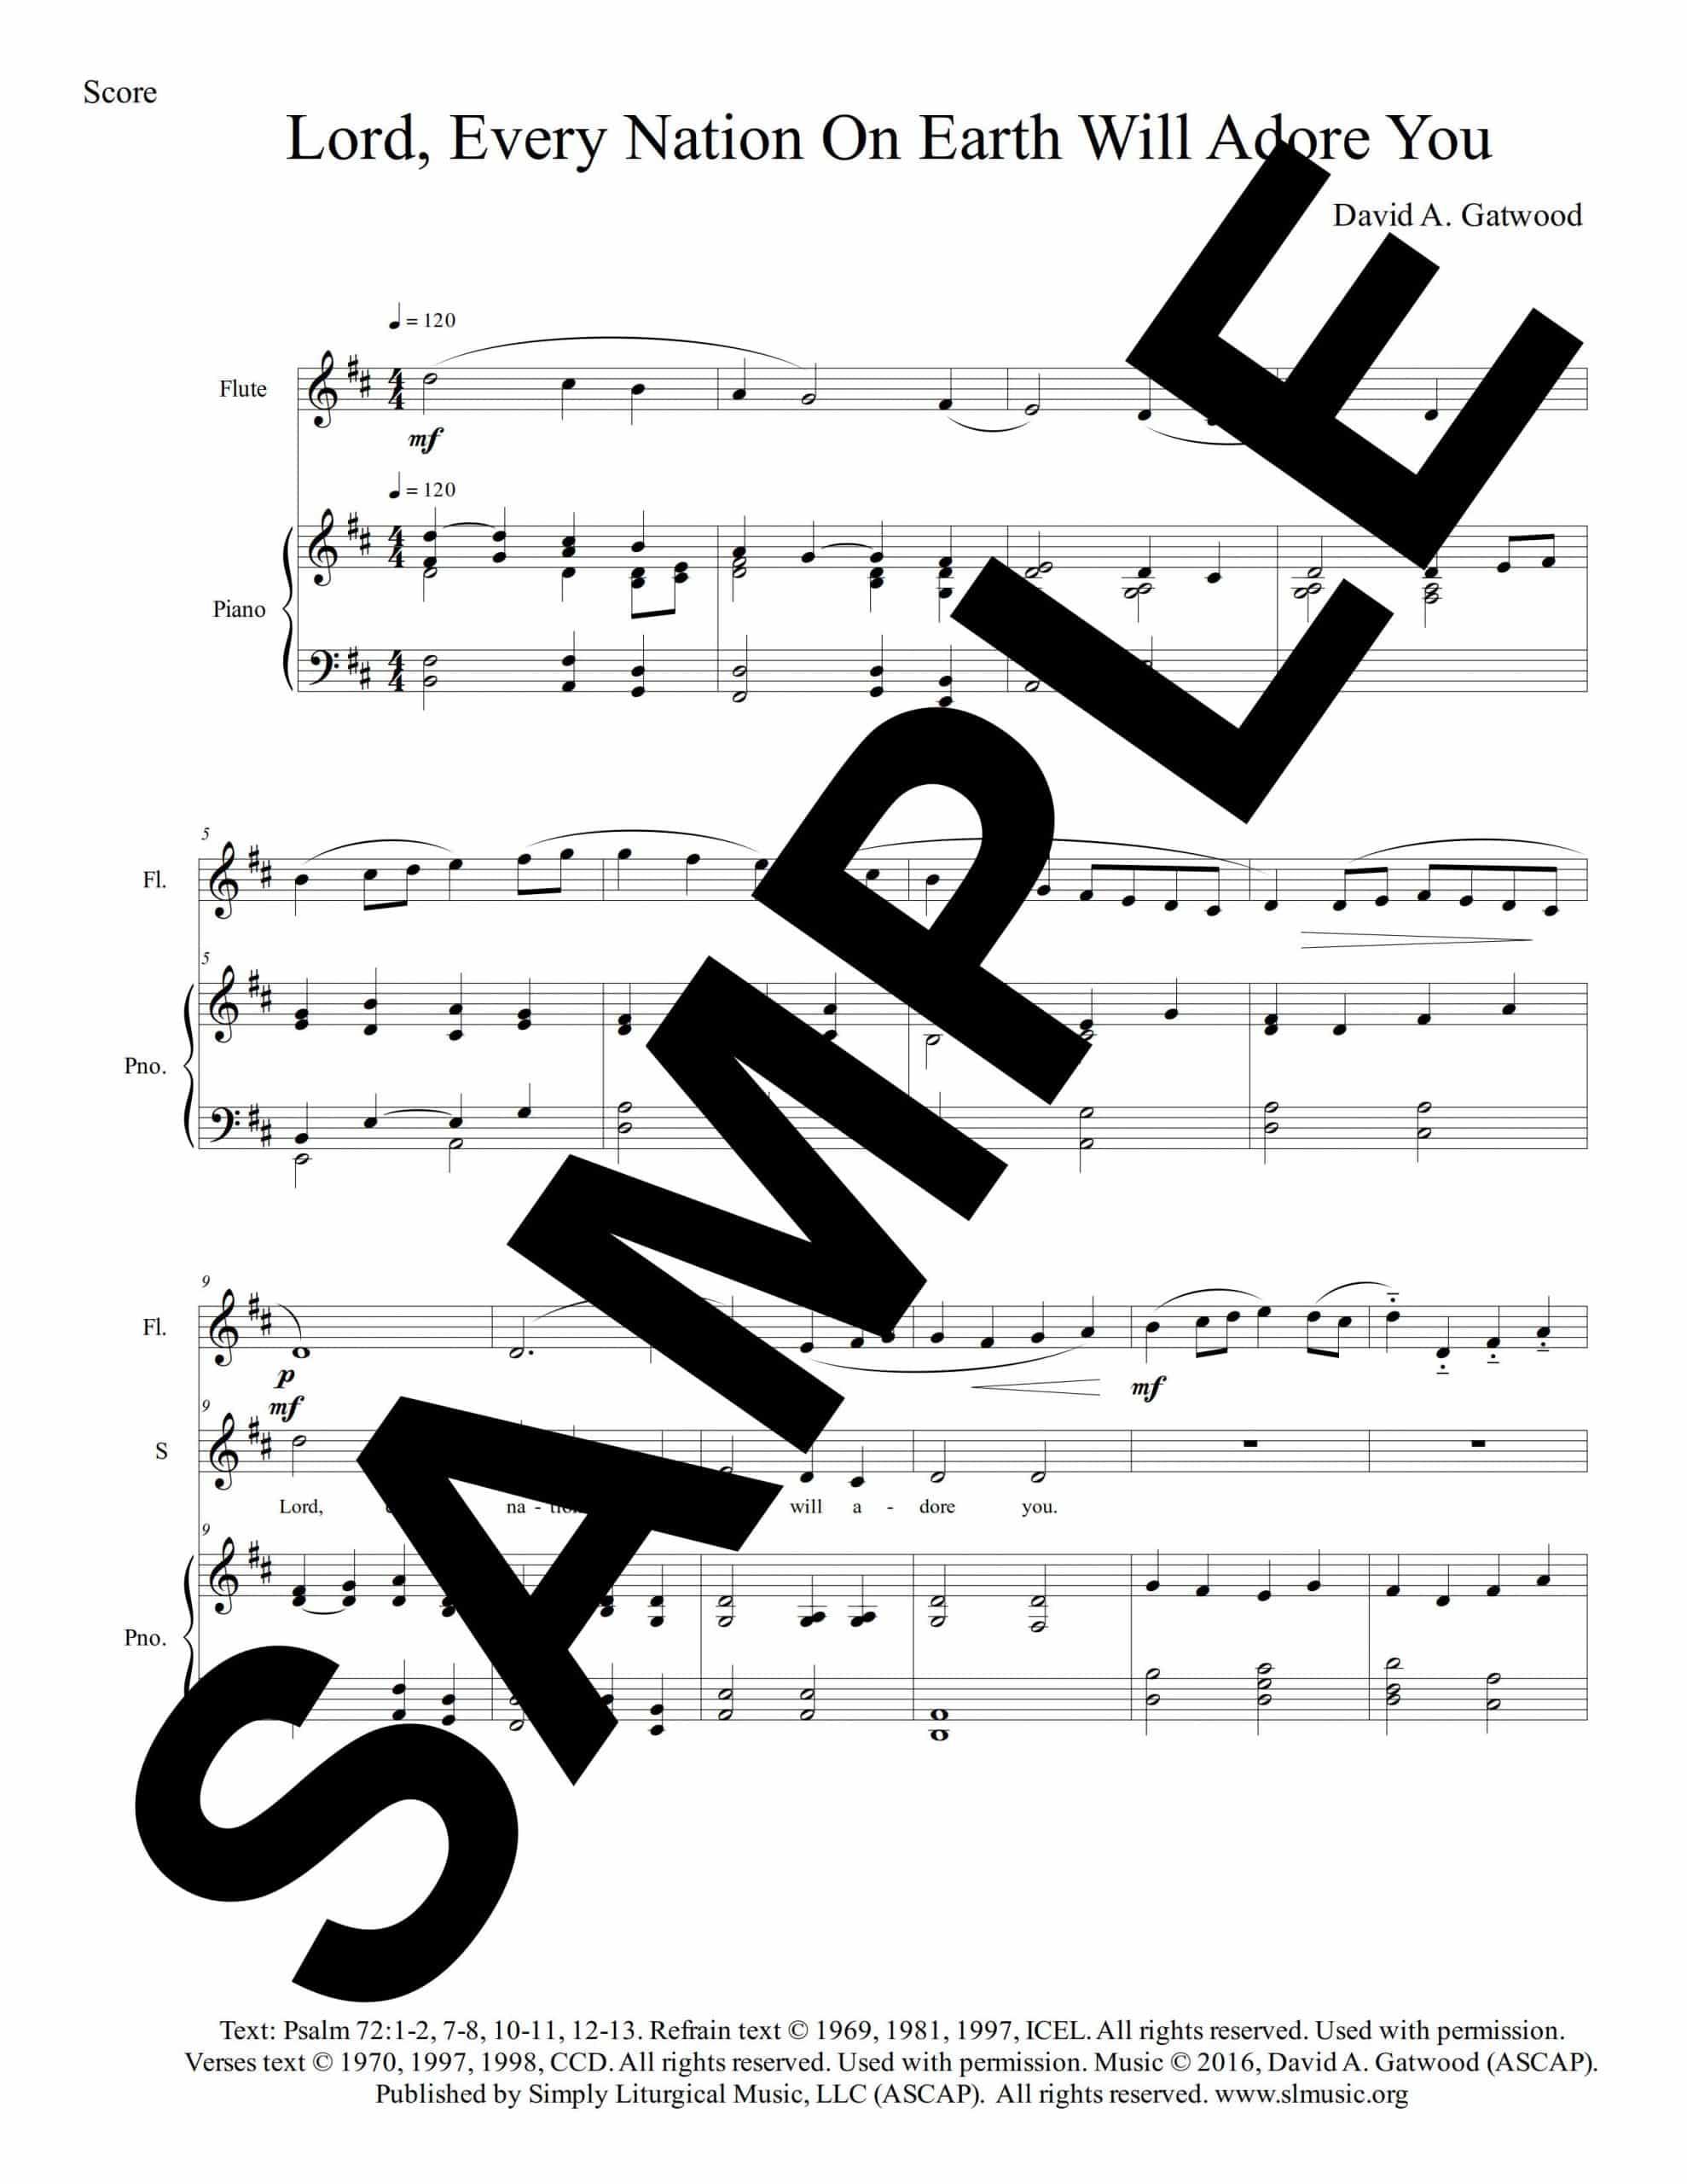 Psalm 72 Eiphany Gatwood Sample Octavo scaled